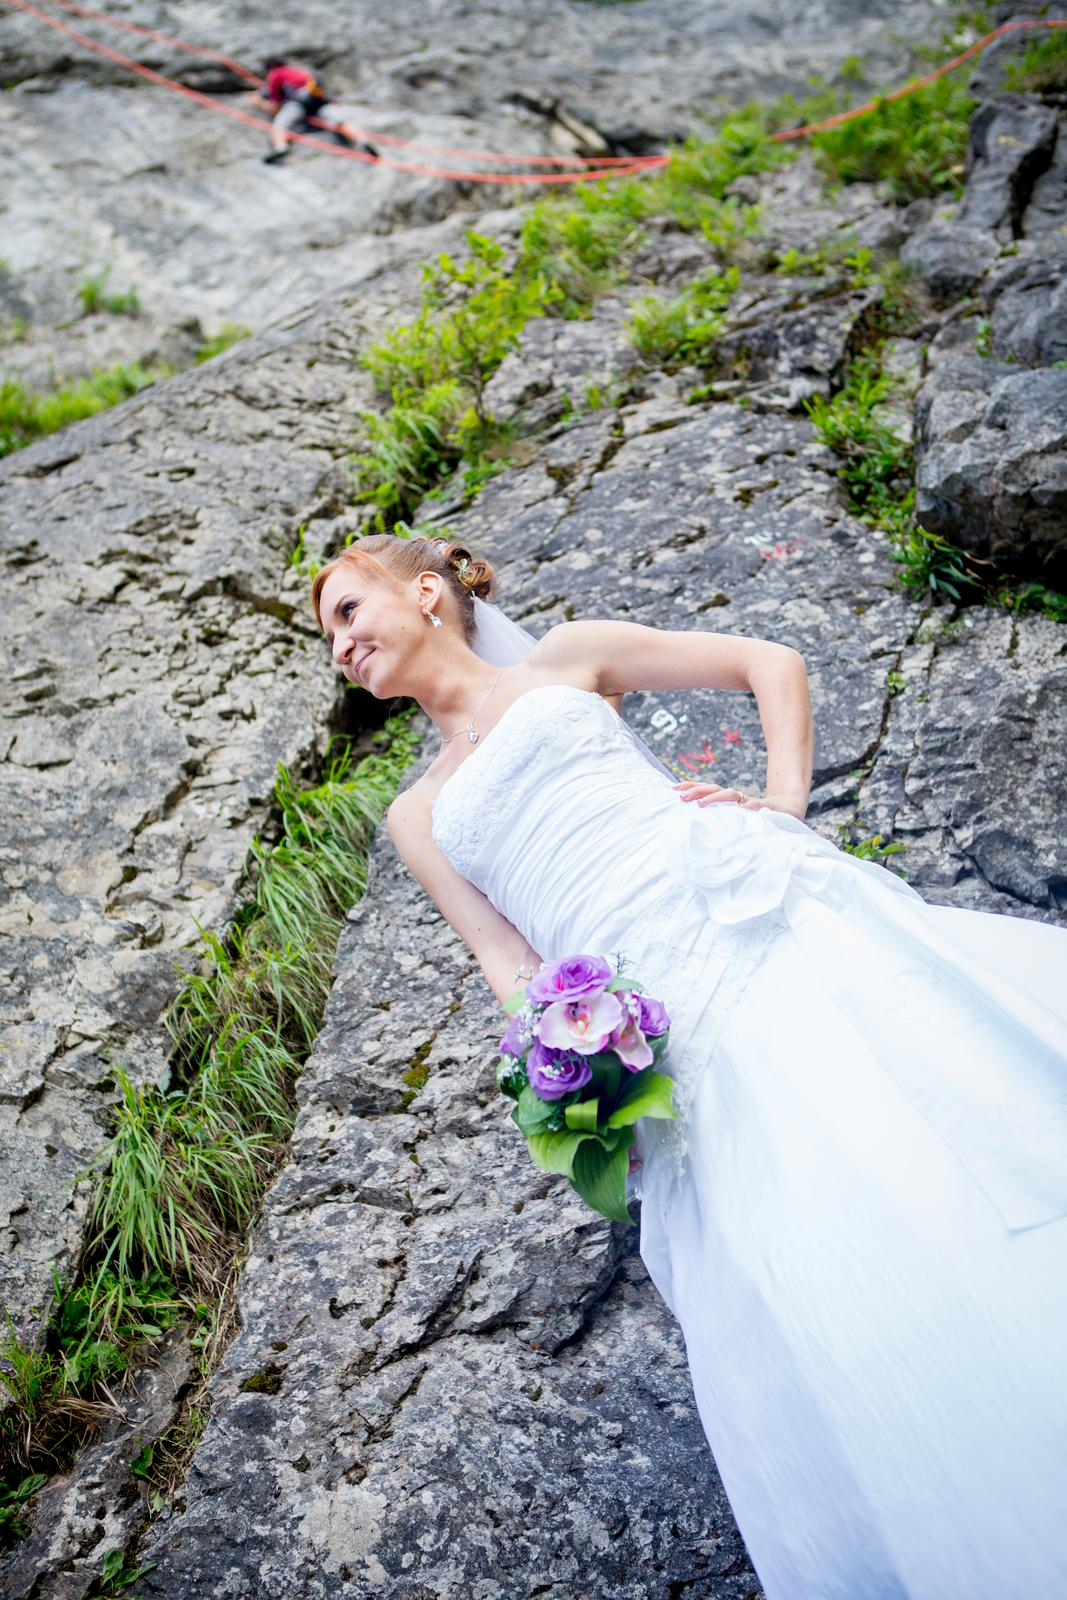 milujem originalne svadby ;-)... - Obrázok č. 2